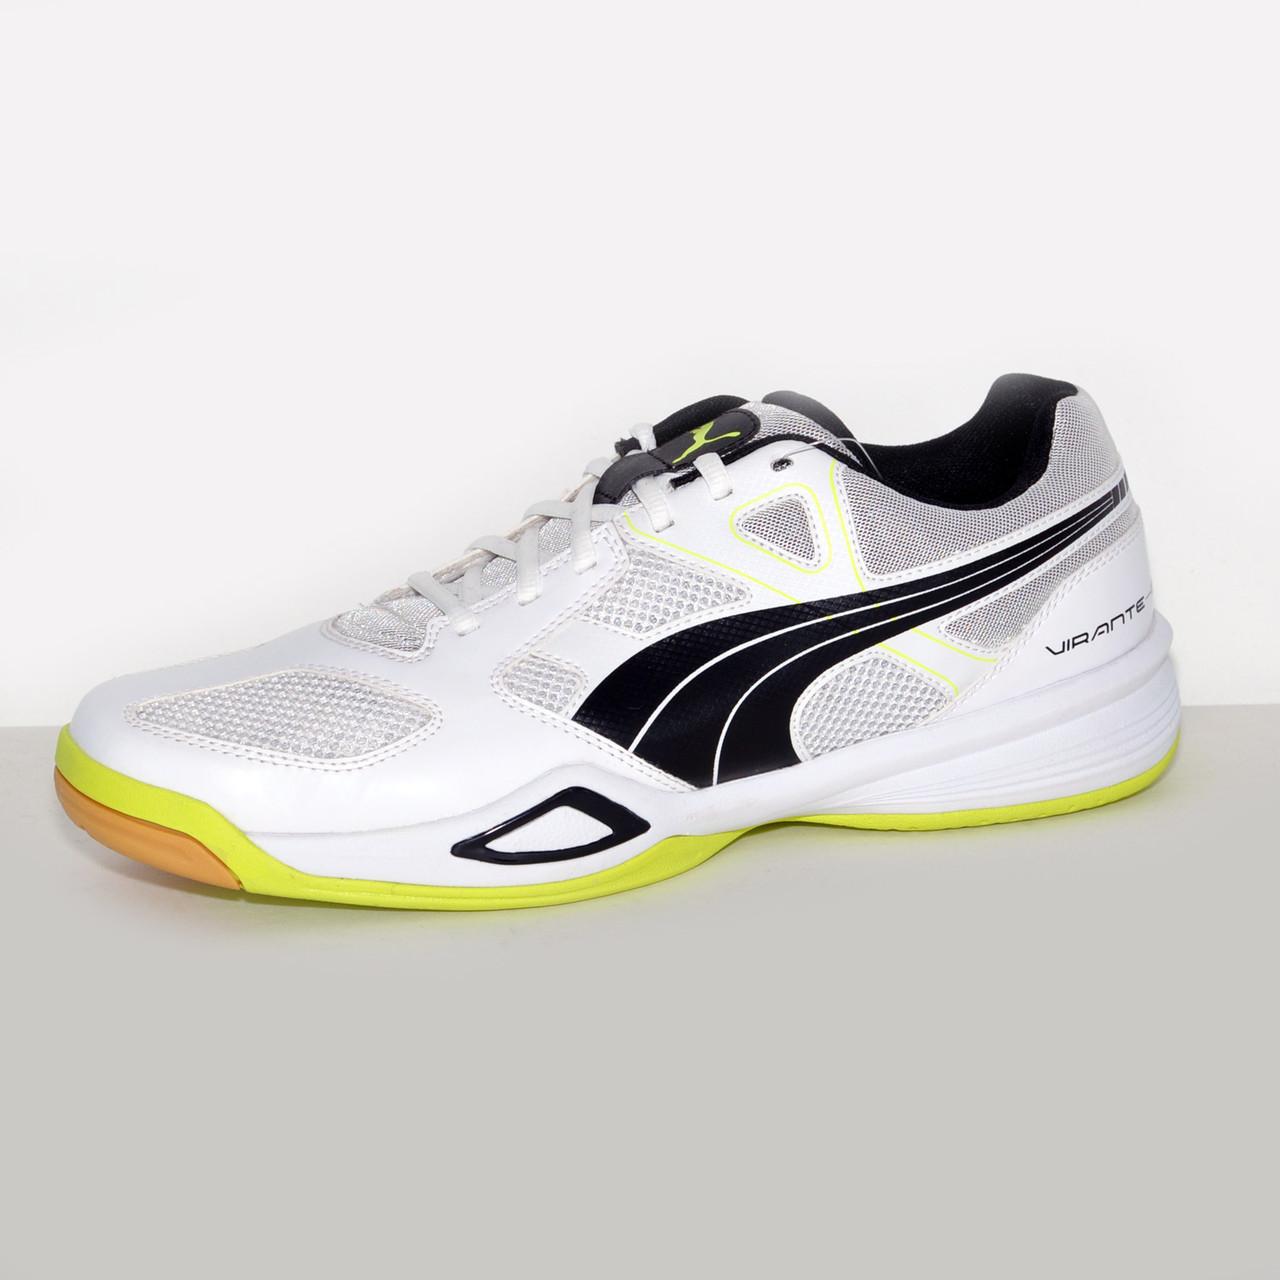 e8e02670 Кроссовки для гандбола, тенниса мужские Puma Virante LT 103354-01 пума